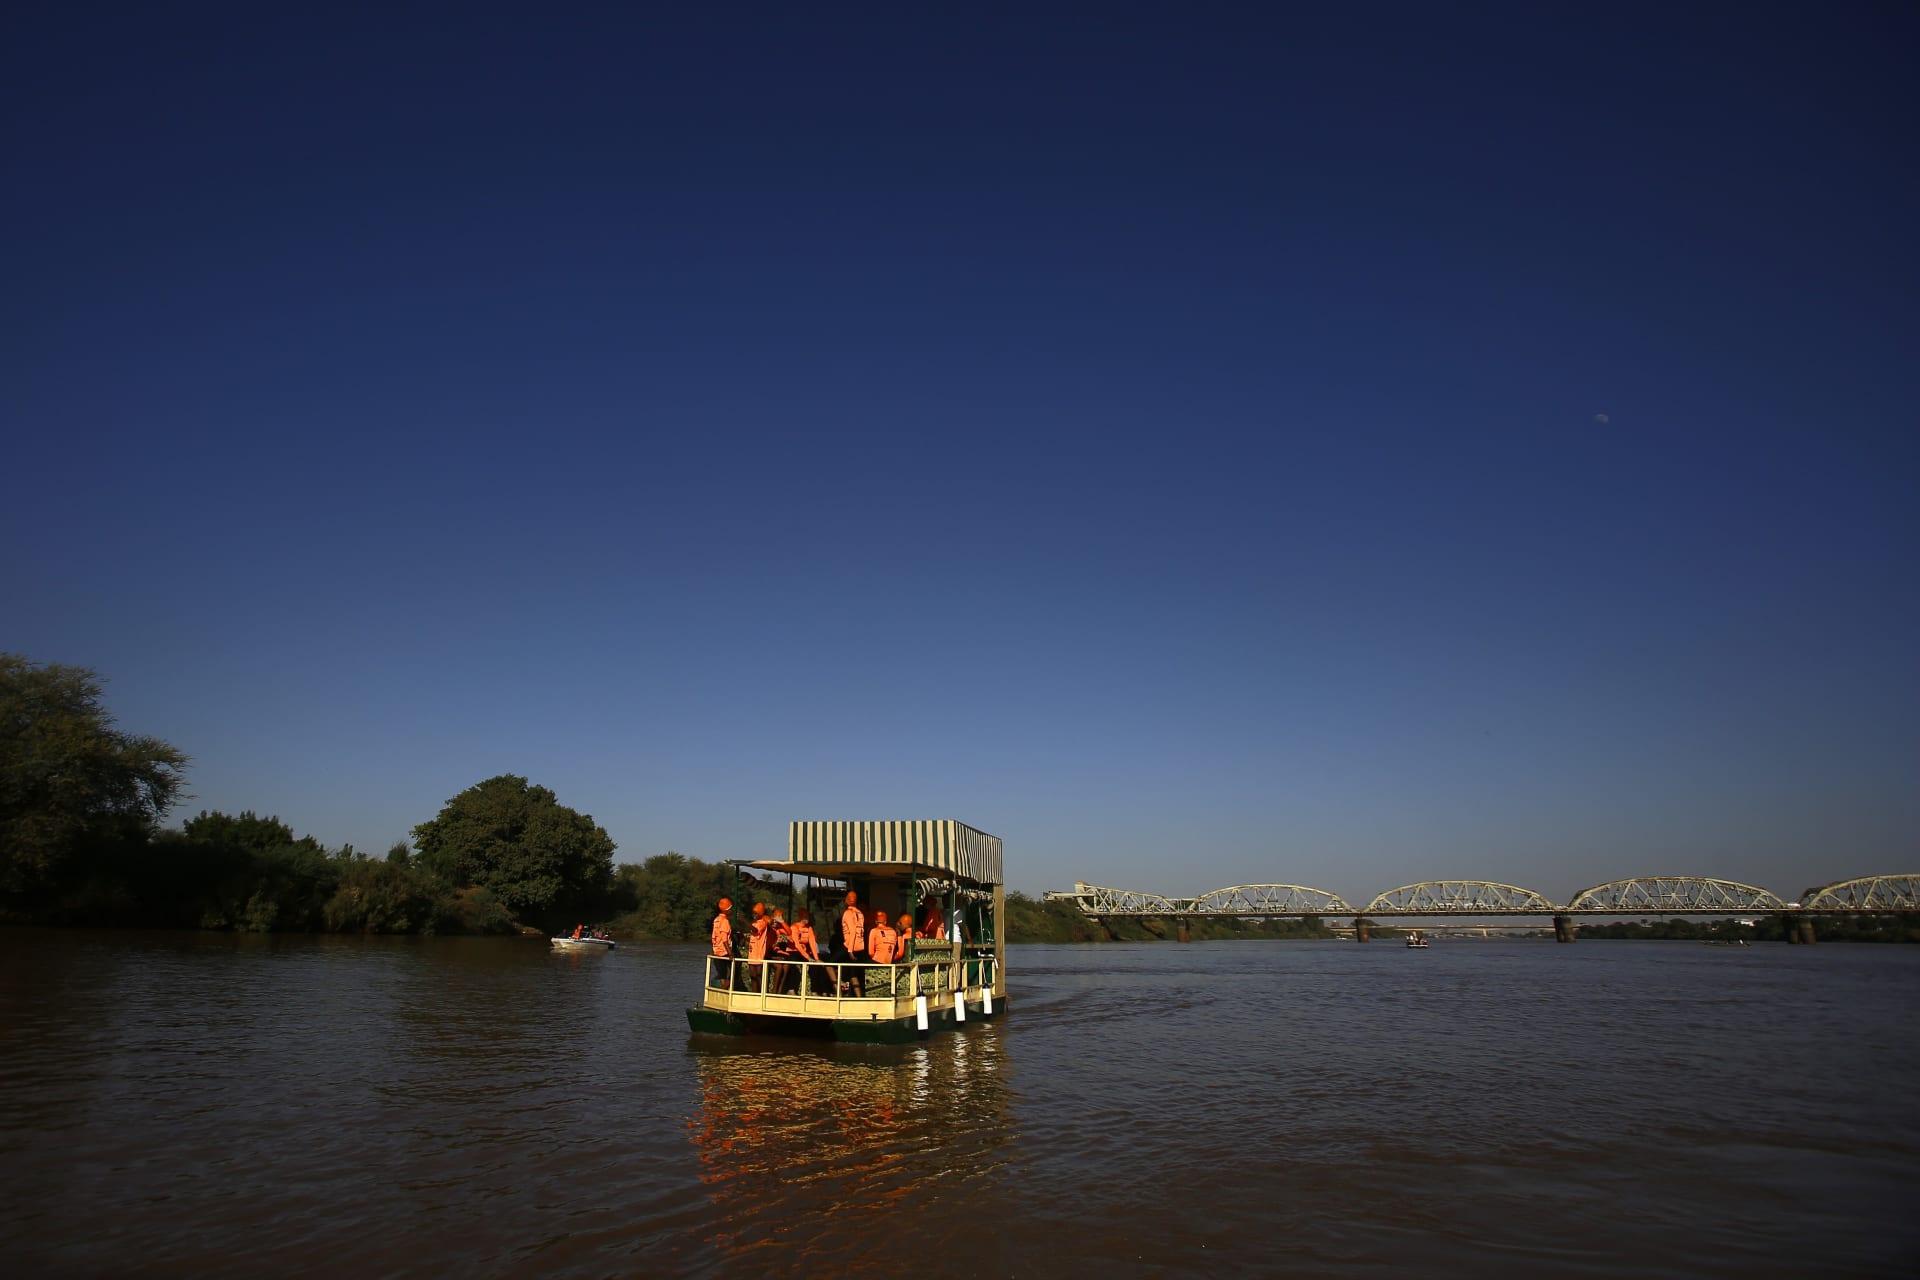 السودان: تسجيل انخفاض بمنسوب مياه النيل يعني إغلاق بوابات سد النهضة من جانب إثيوبيا